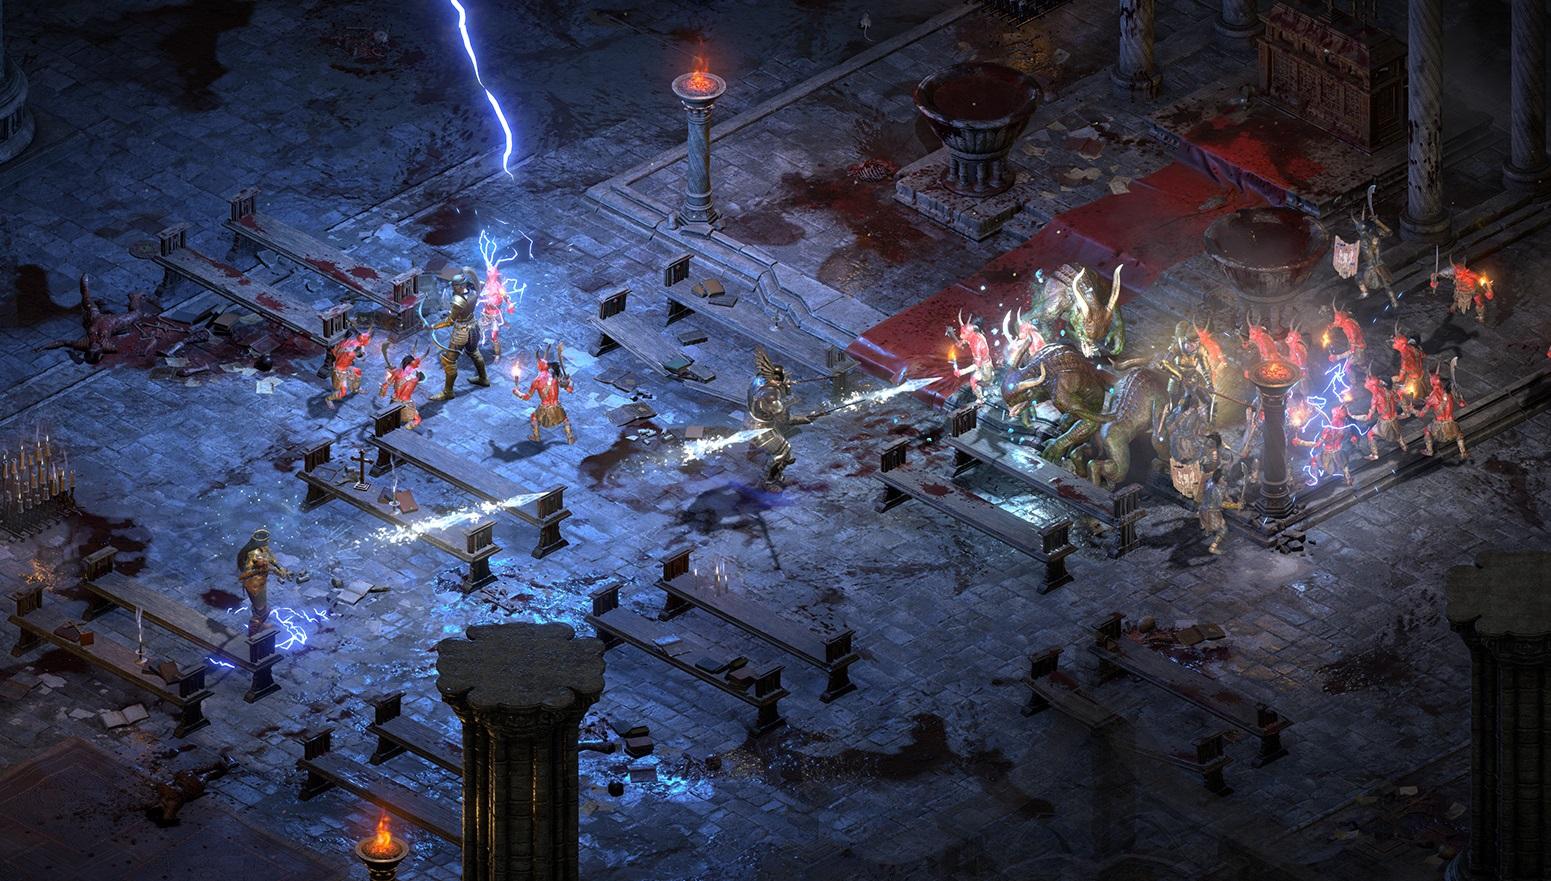 Игнорируйте сегодняшнюю Blizzard: разработчик Diablo II считает изменение облика амазонки в ремастере цензурой